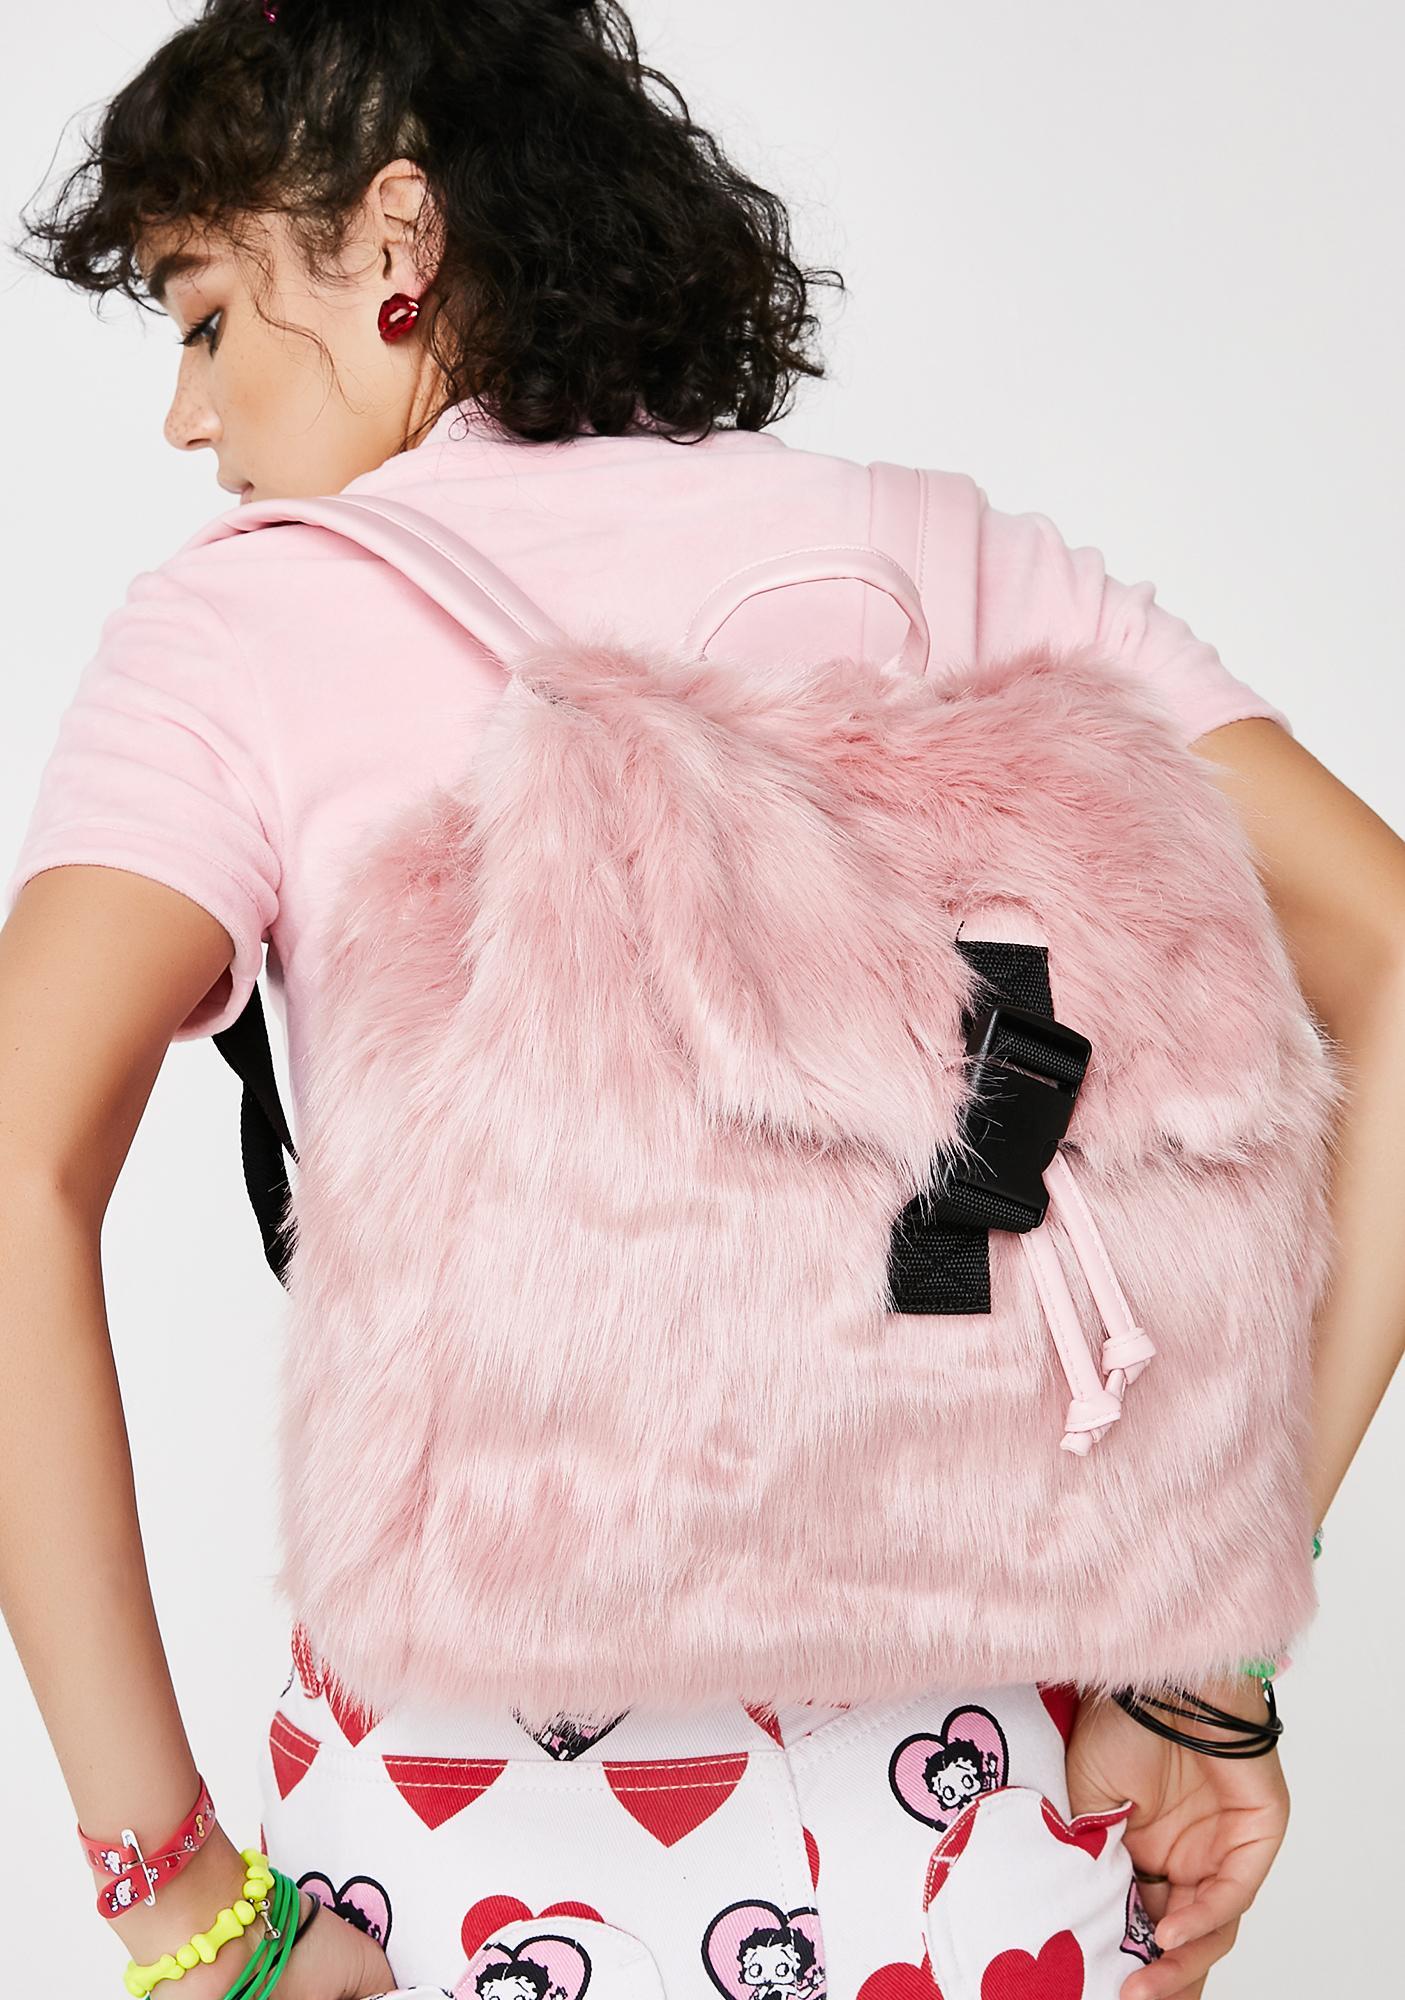 Skinnydip Candy Fur Backpack